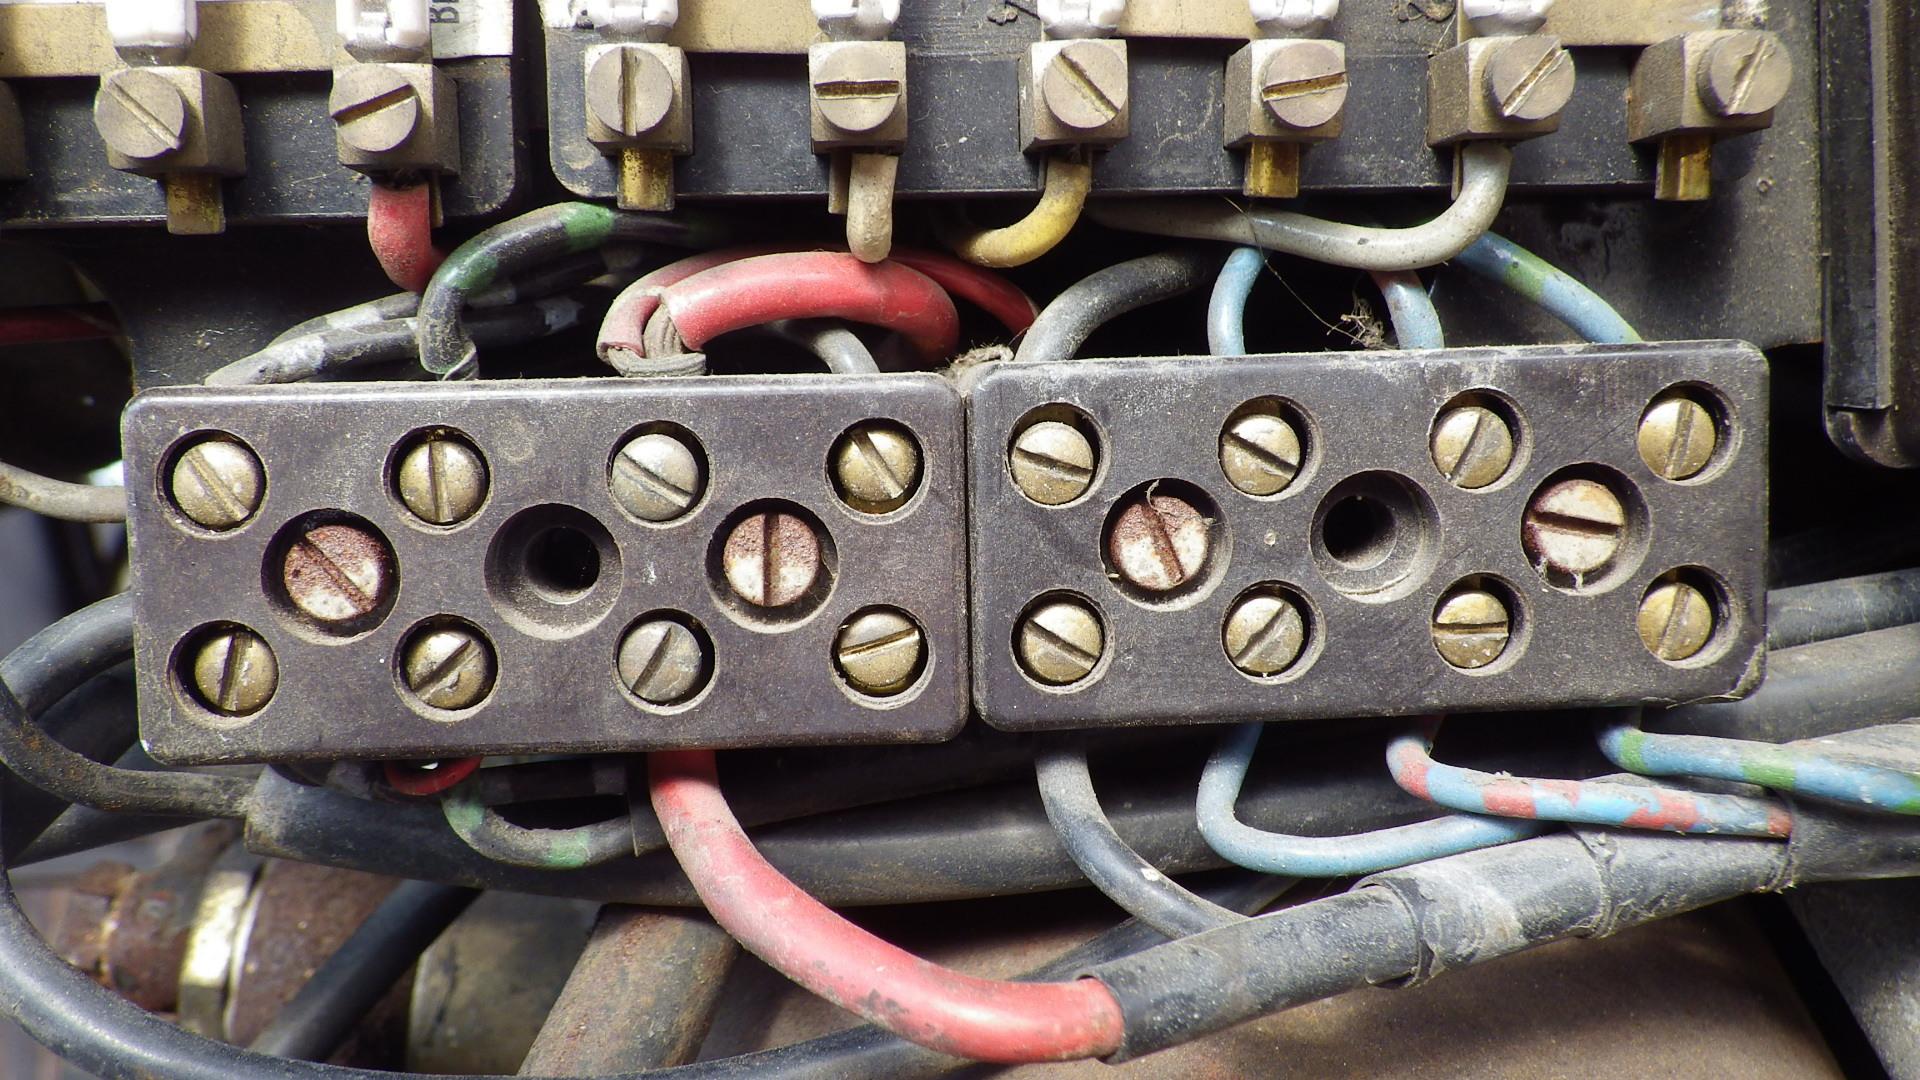 restauration du mog 406 de chenapan52 - Page 3 912536IMGP0231